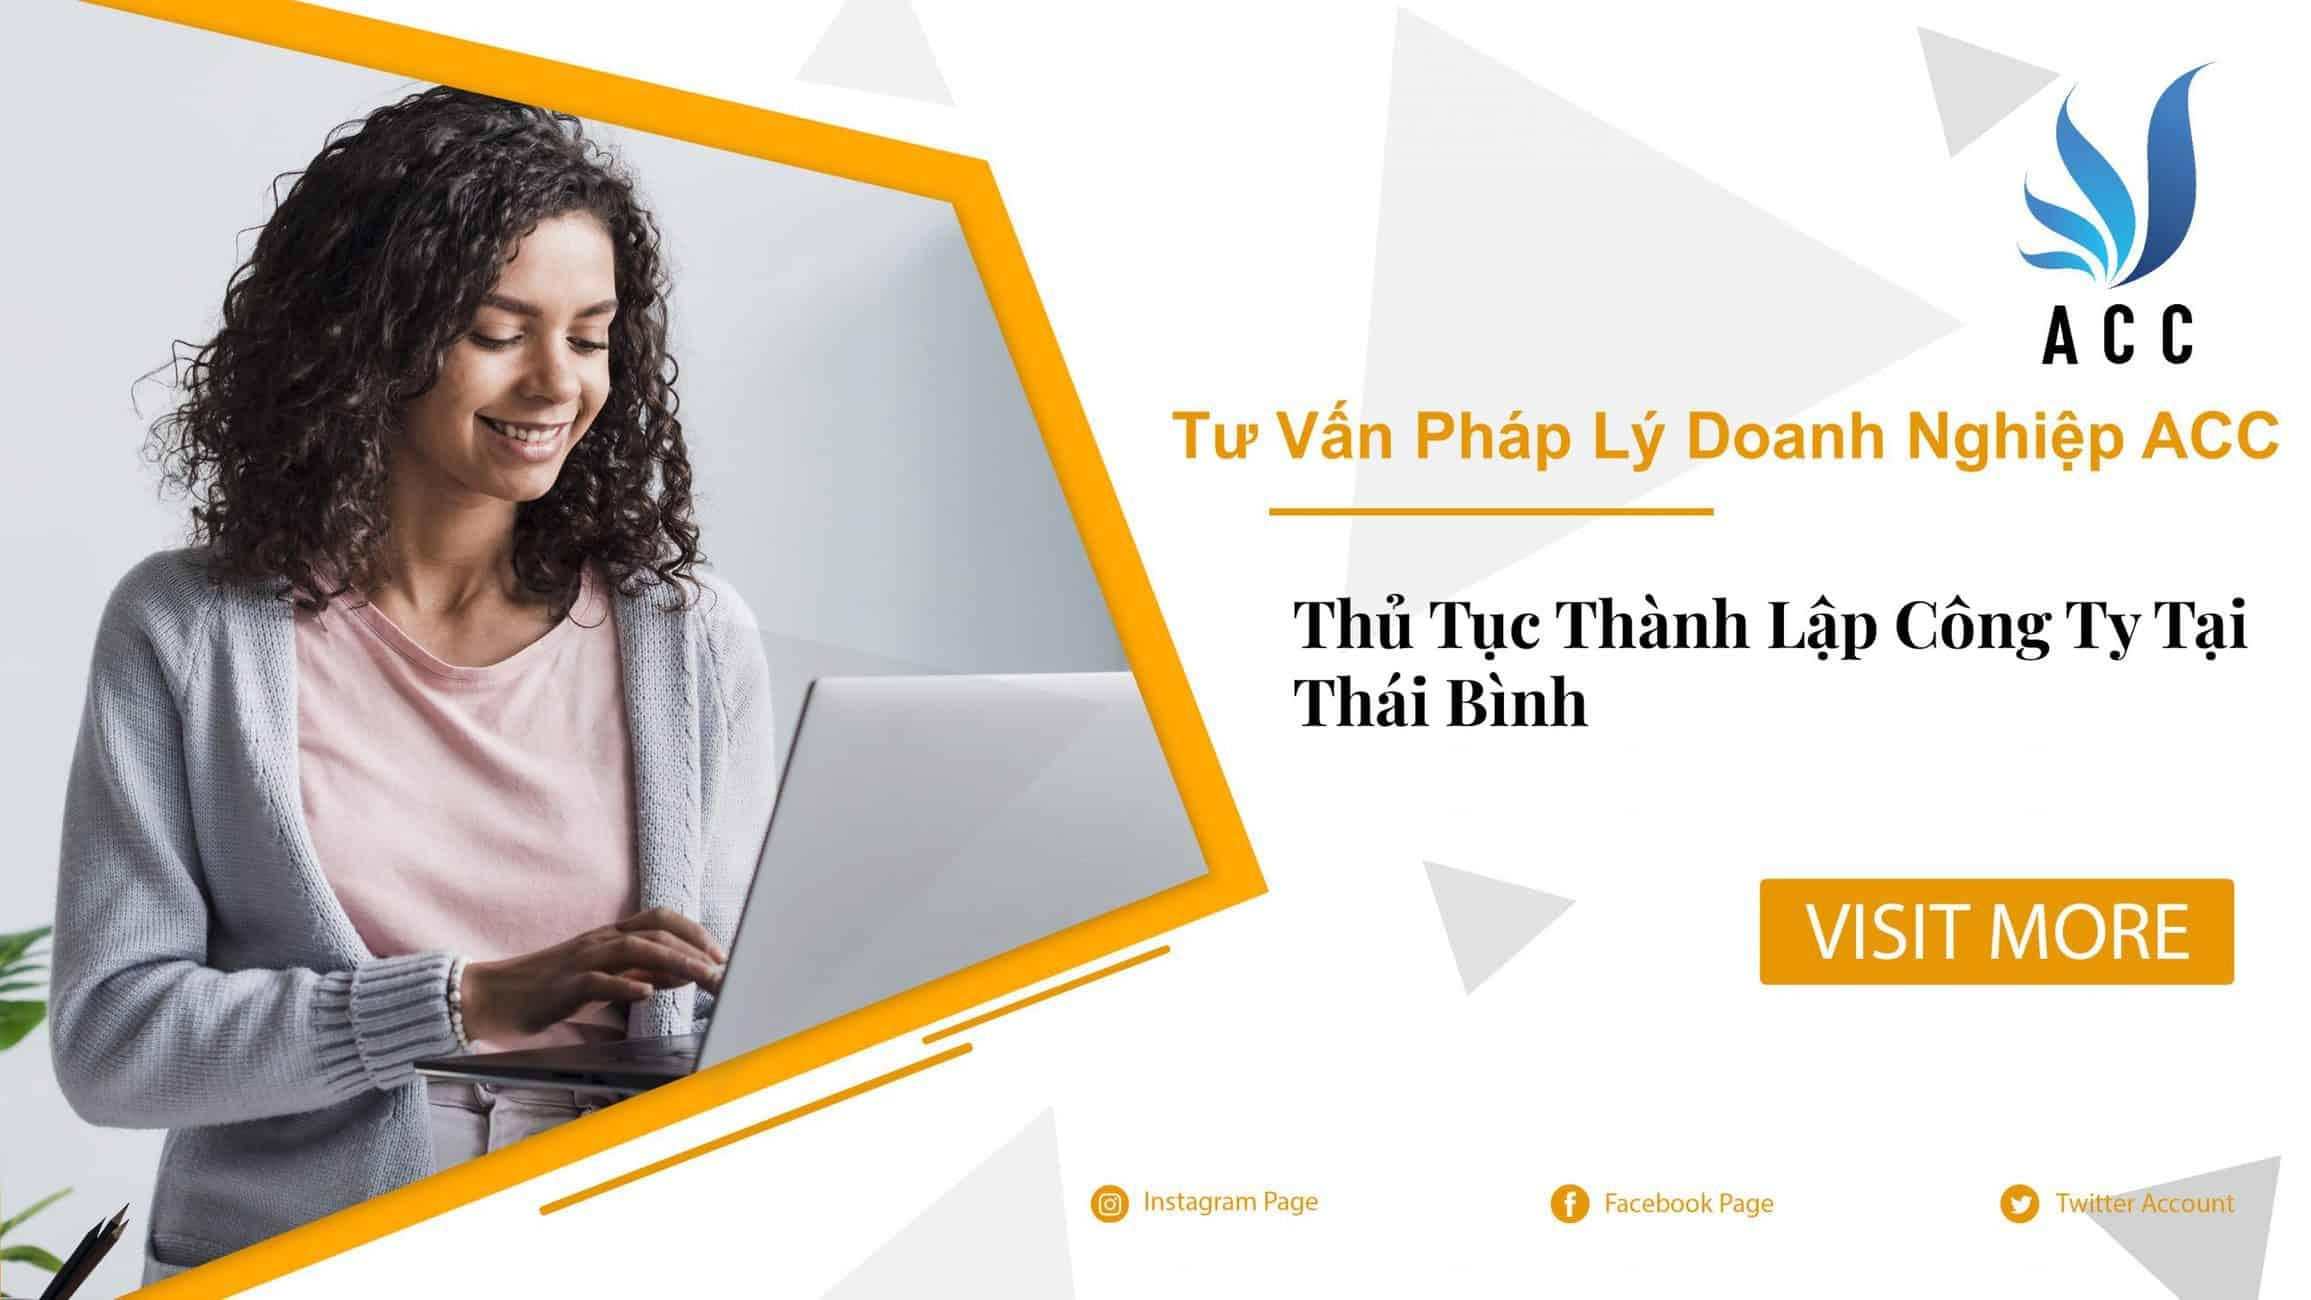 Thủ tục thành lập công ty tại Thái Bình (trọn gói)